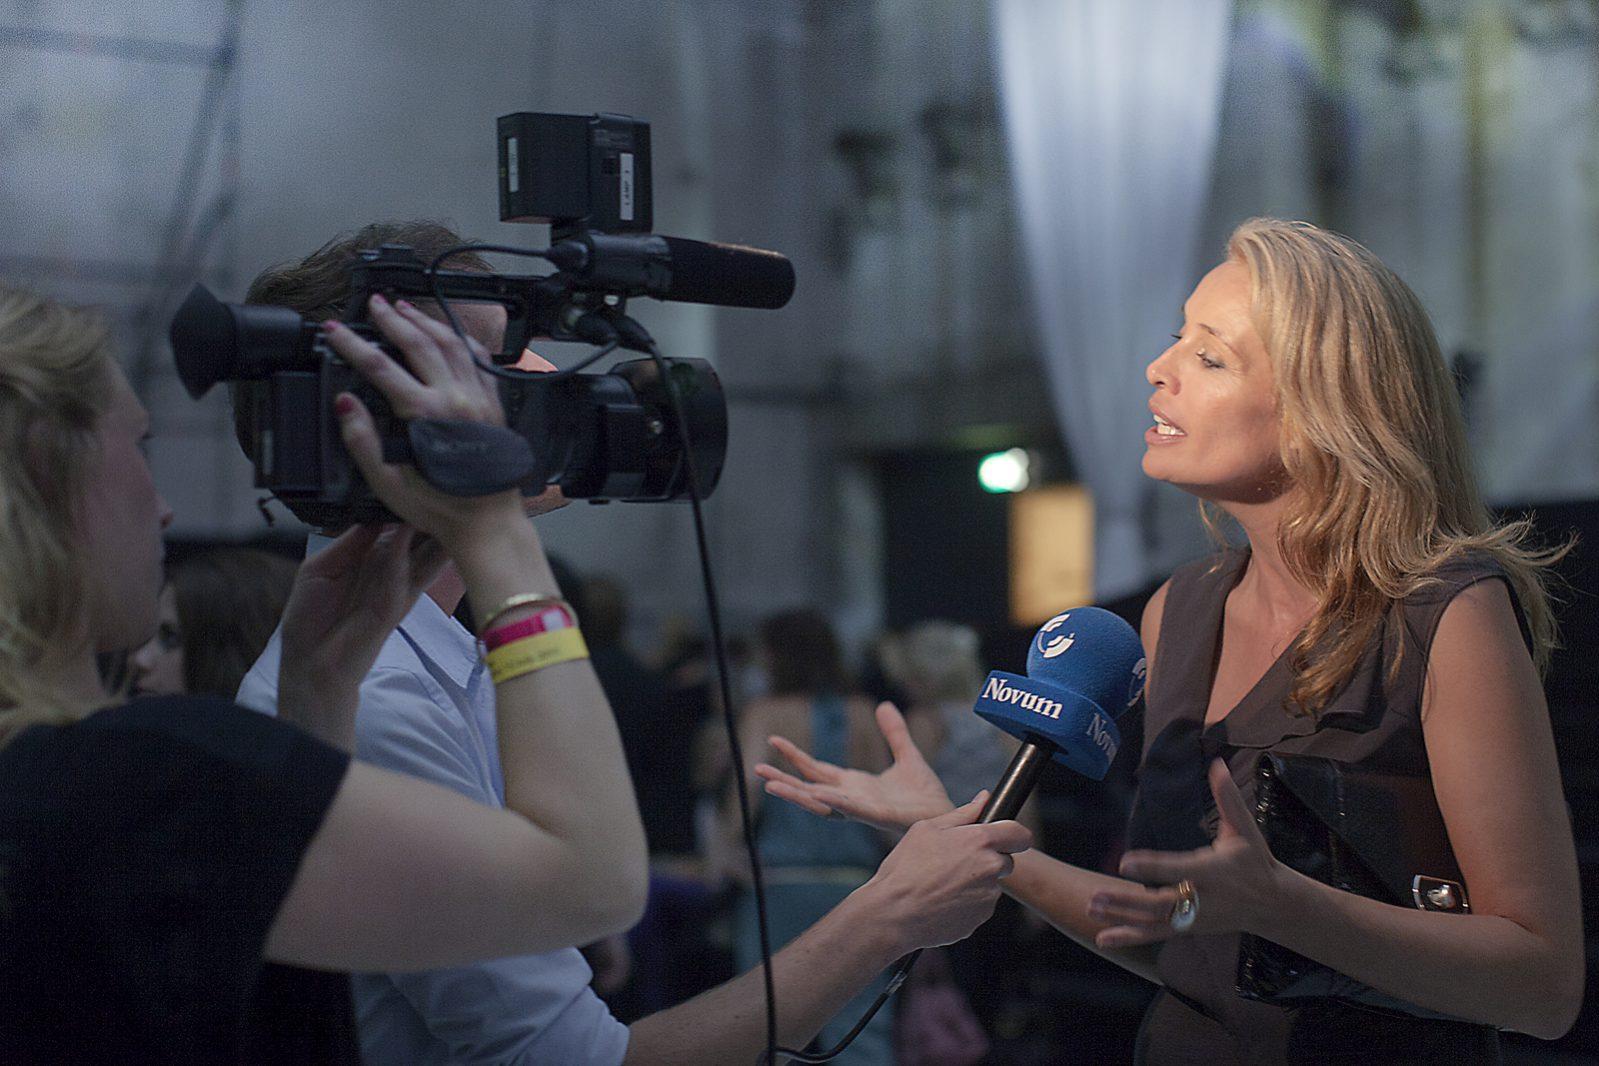 Fotograaf Utrecht Bedrijfsfotograaf voor al uw evenementen, bedrijfsfoto's en portretten